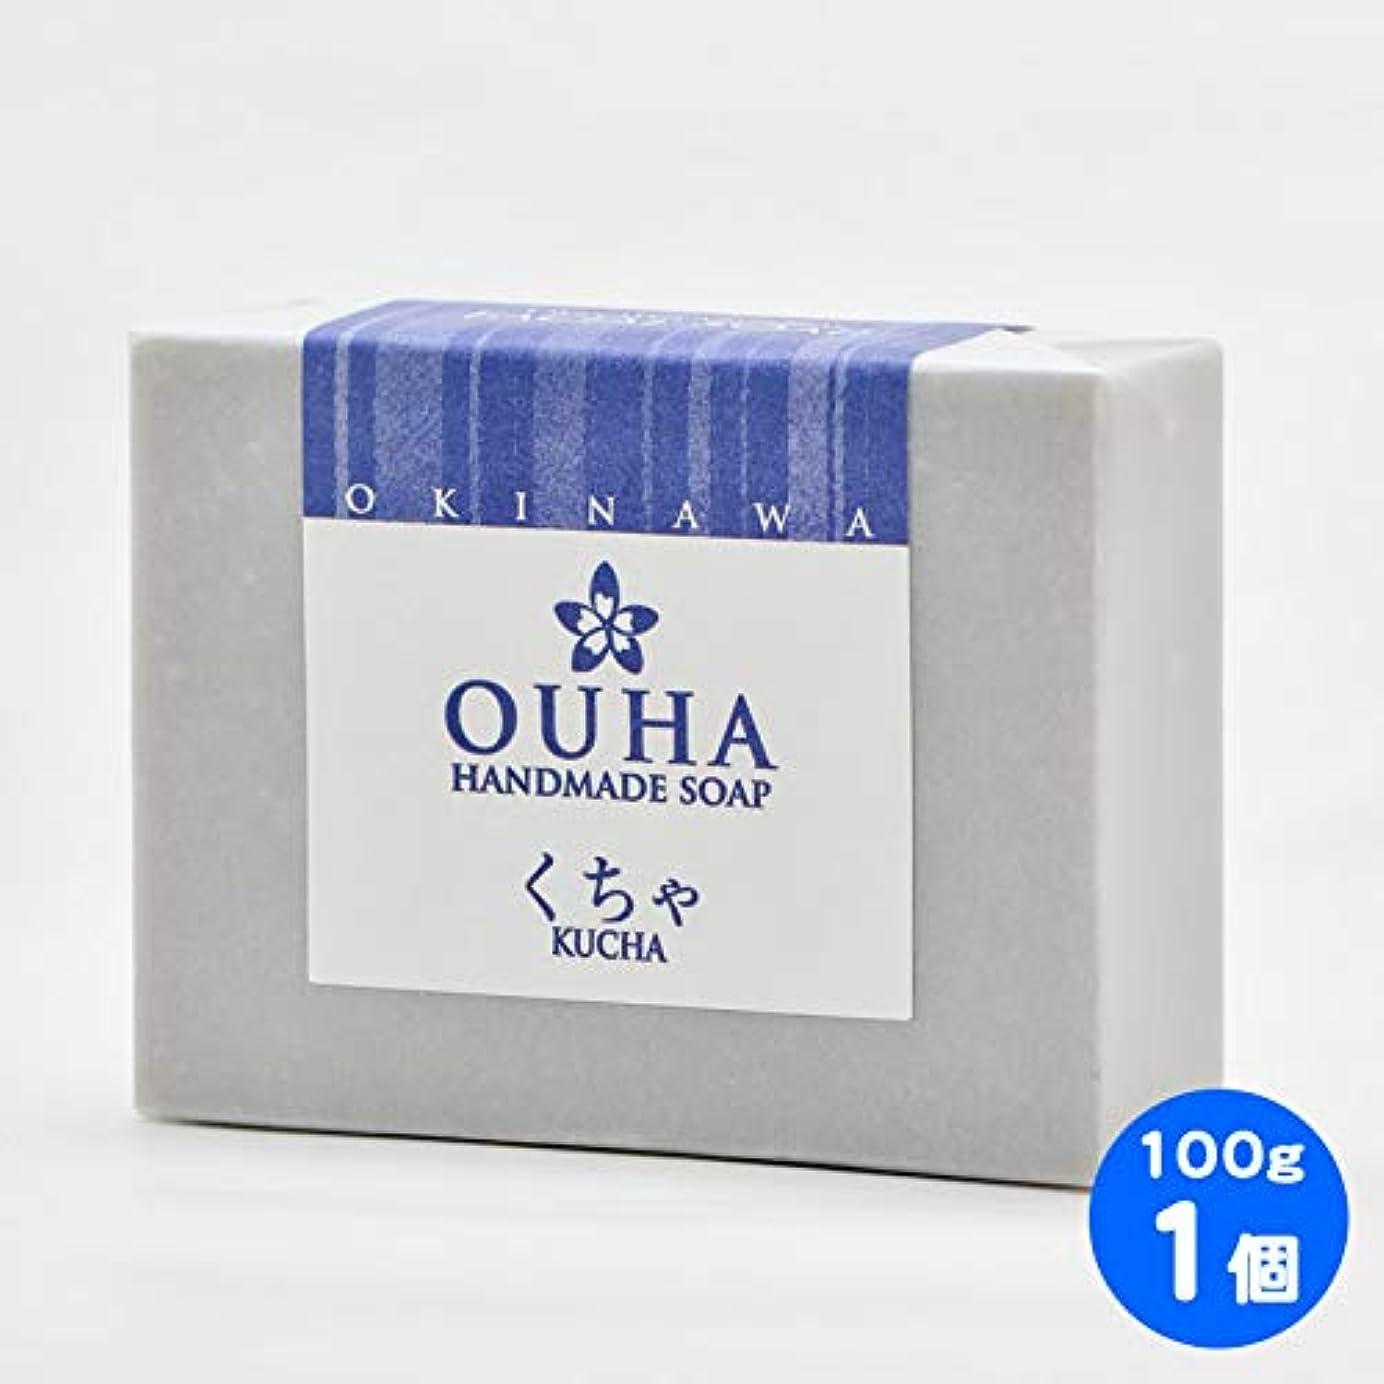 ぜいたく数学者グロー【送料無料 定形外郵便】沖縄県産 OUHAソープ くちゃ 石鹸 100g 1個